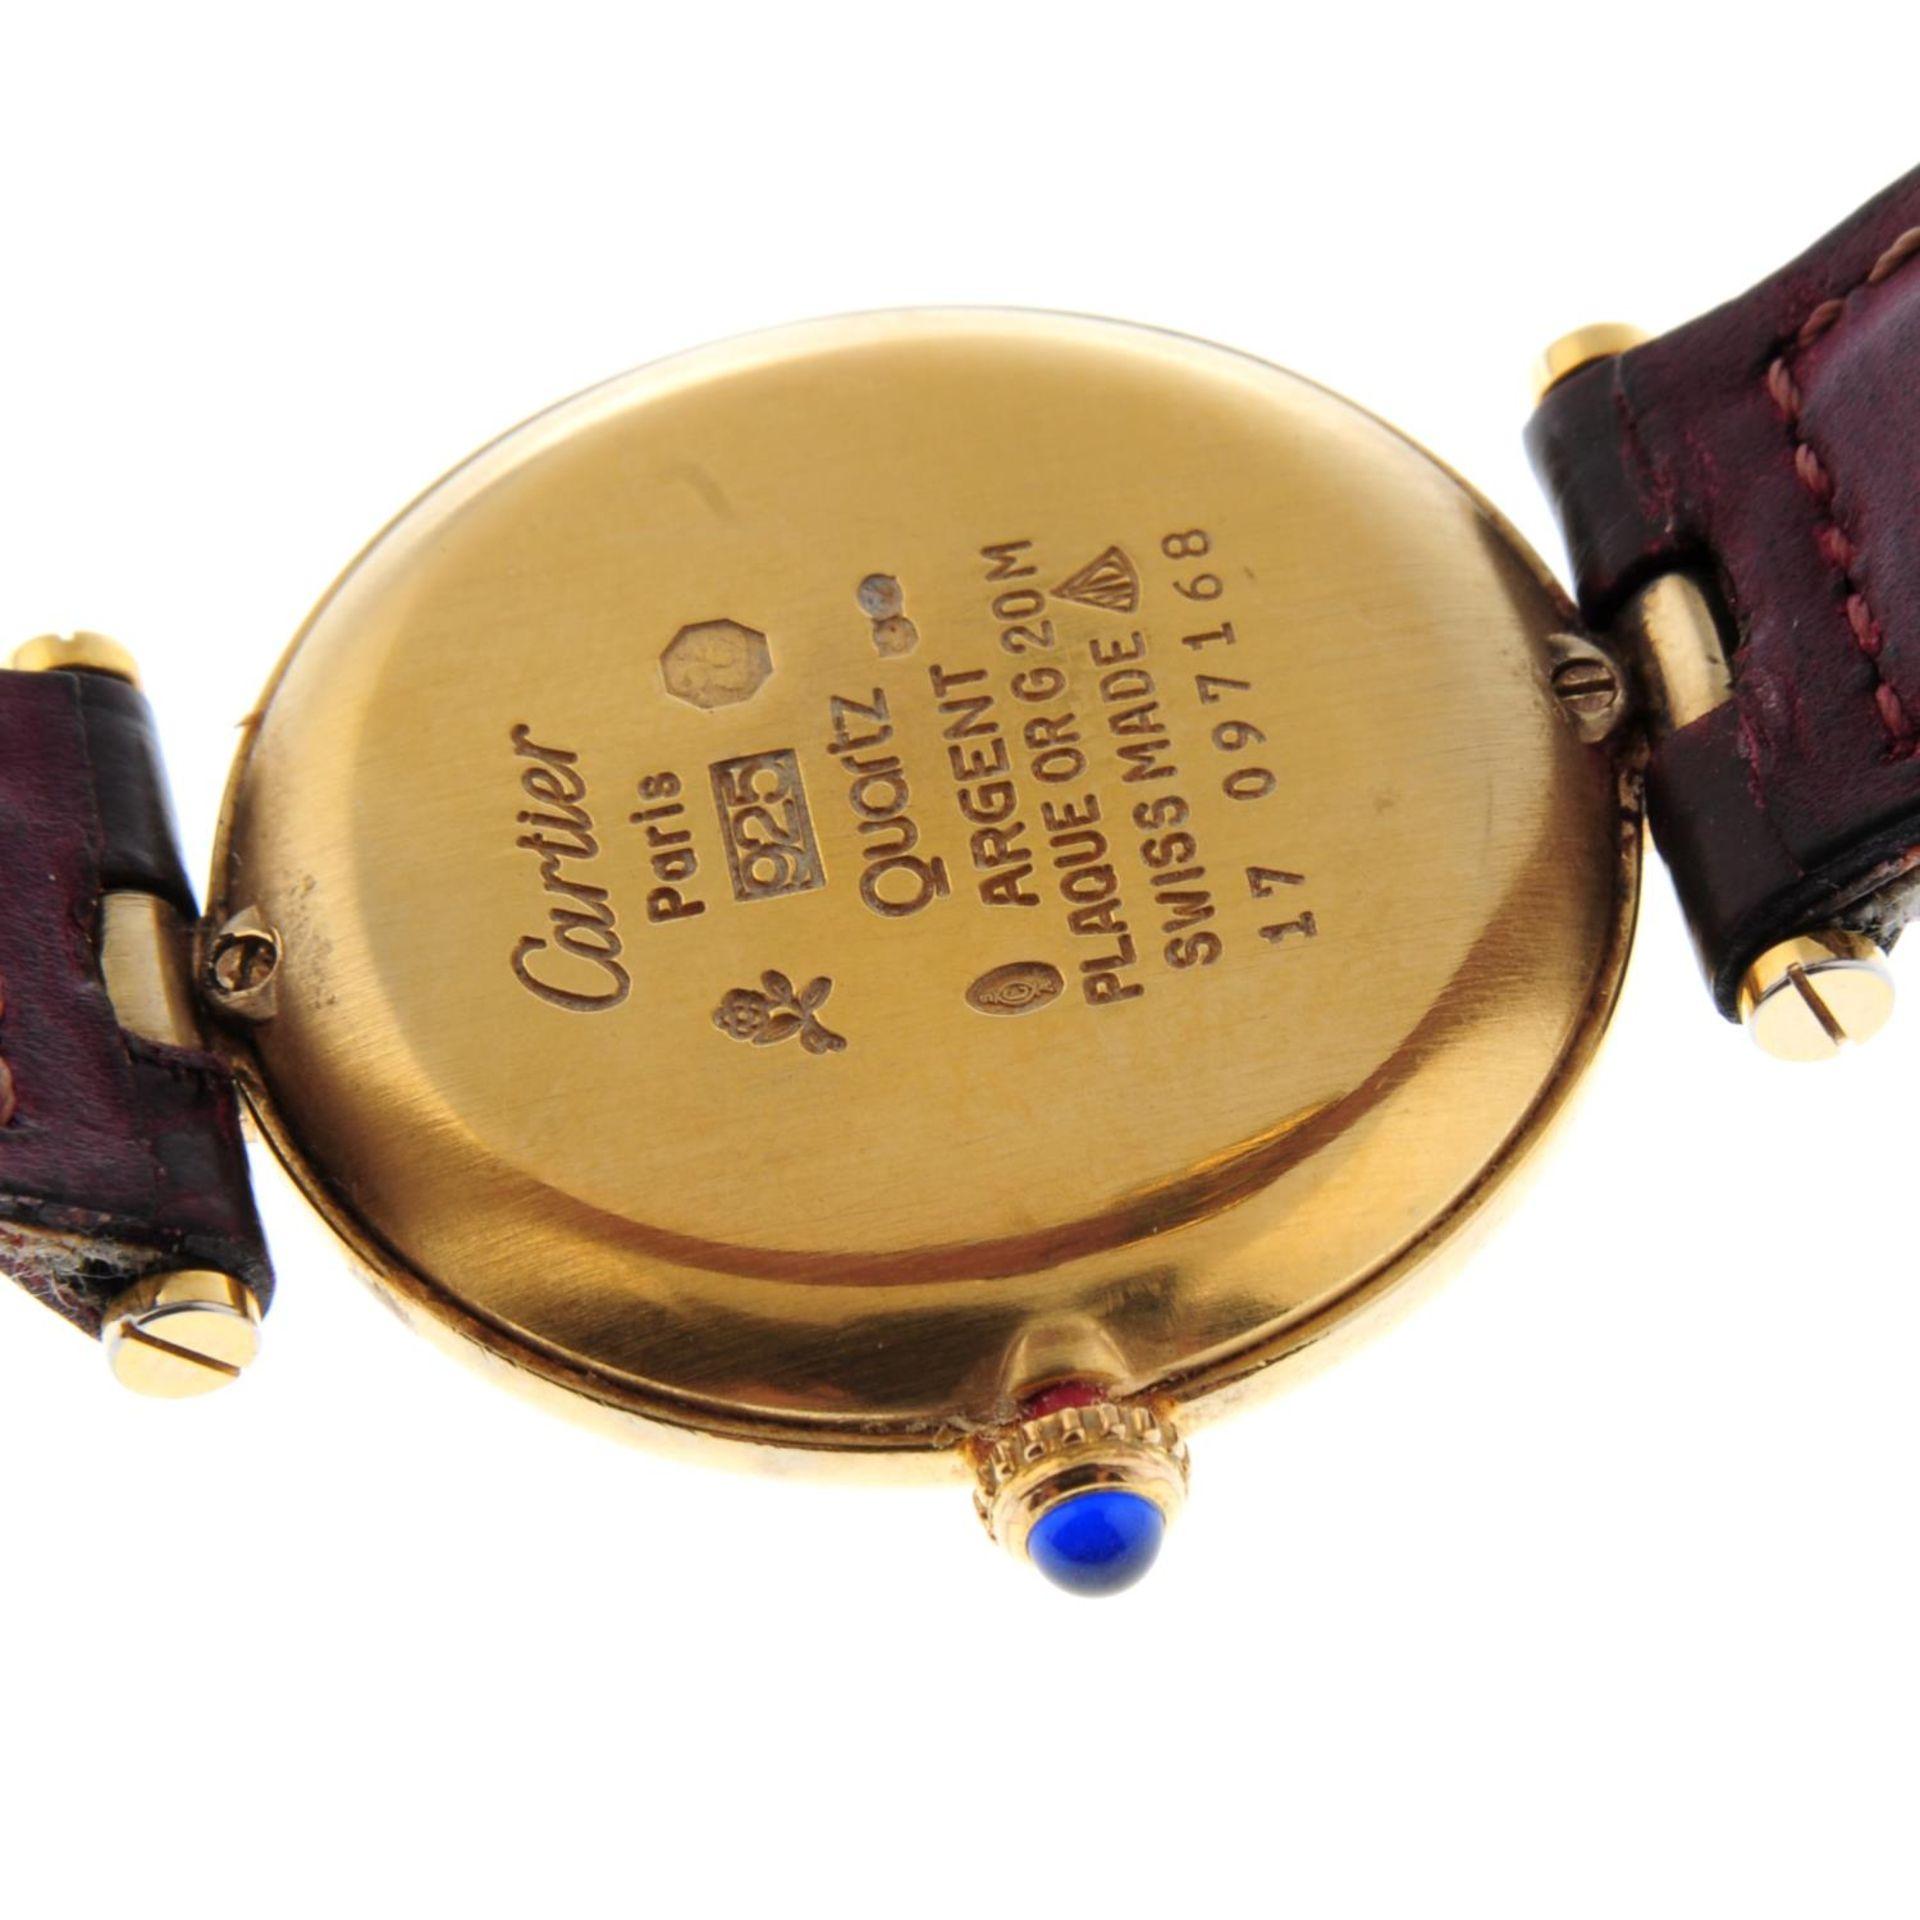 CARTIER - a Must de Cartier wrist watch. - Bild 2 aus 5